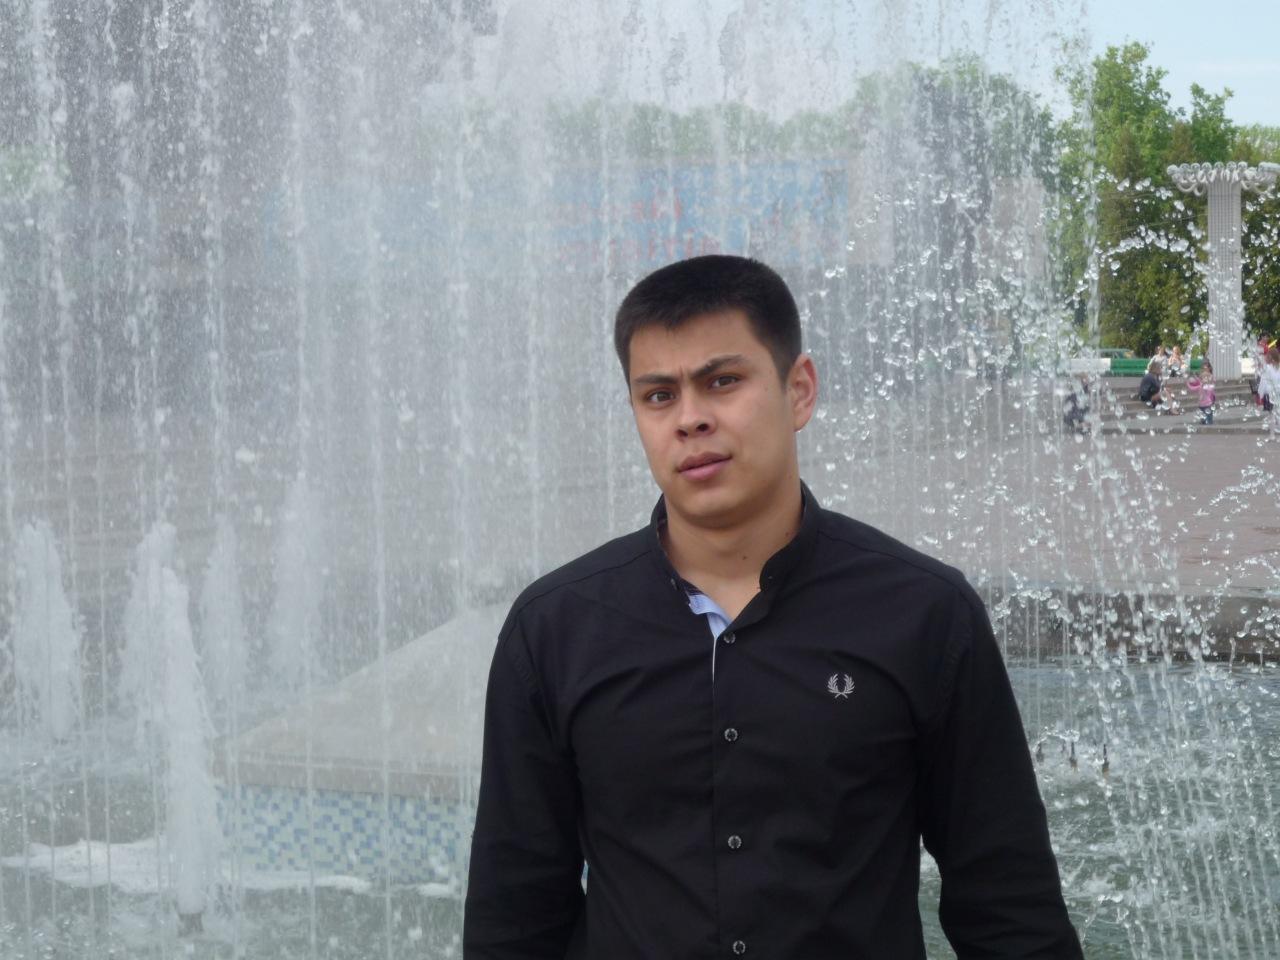 Аташ Аннаев, Бехерден - фото №2